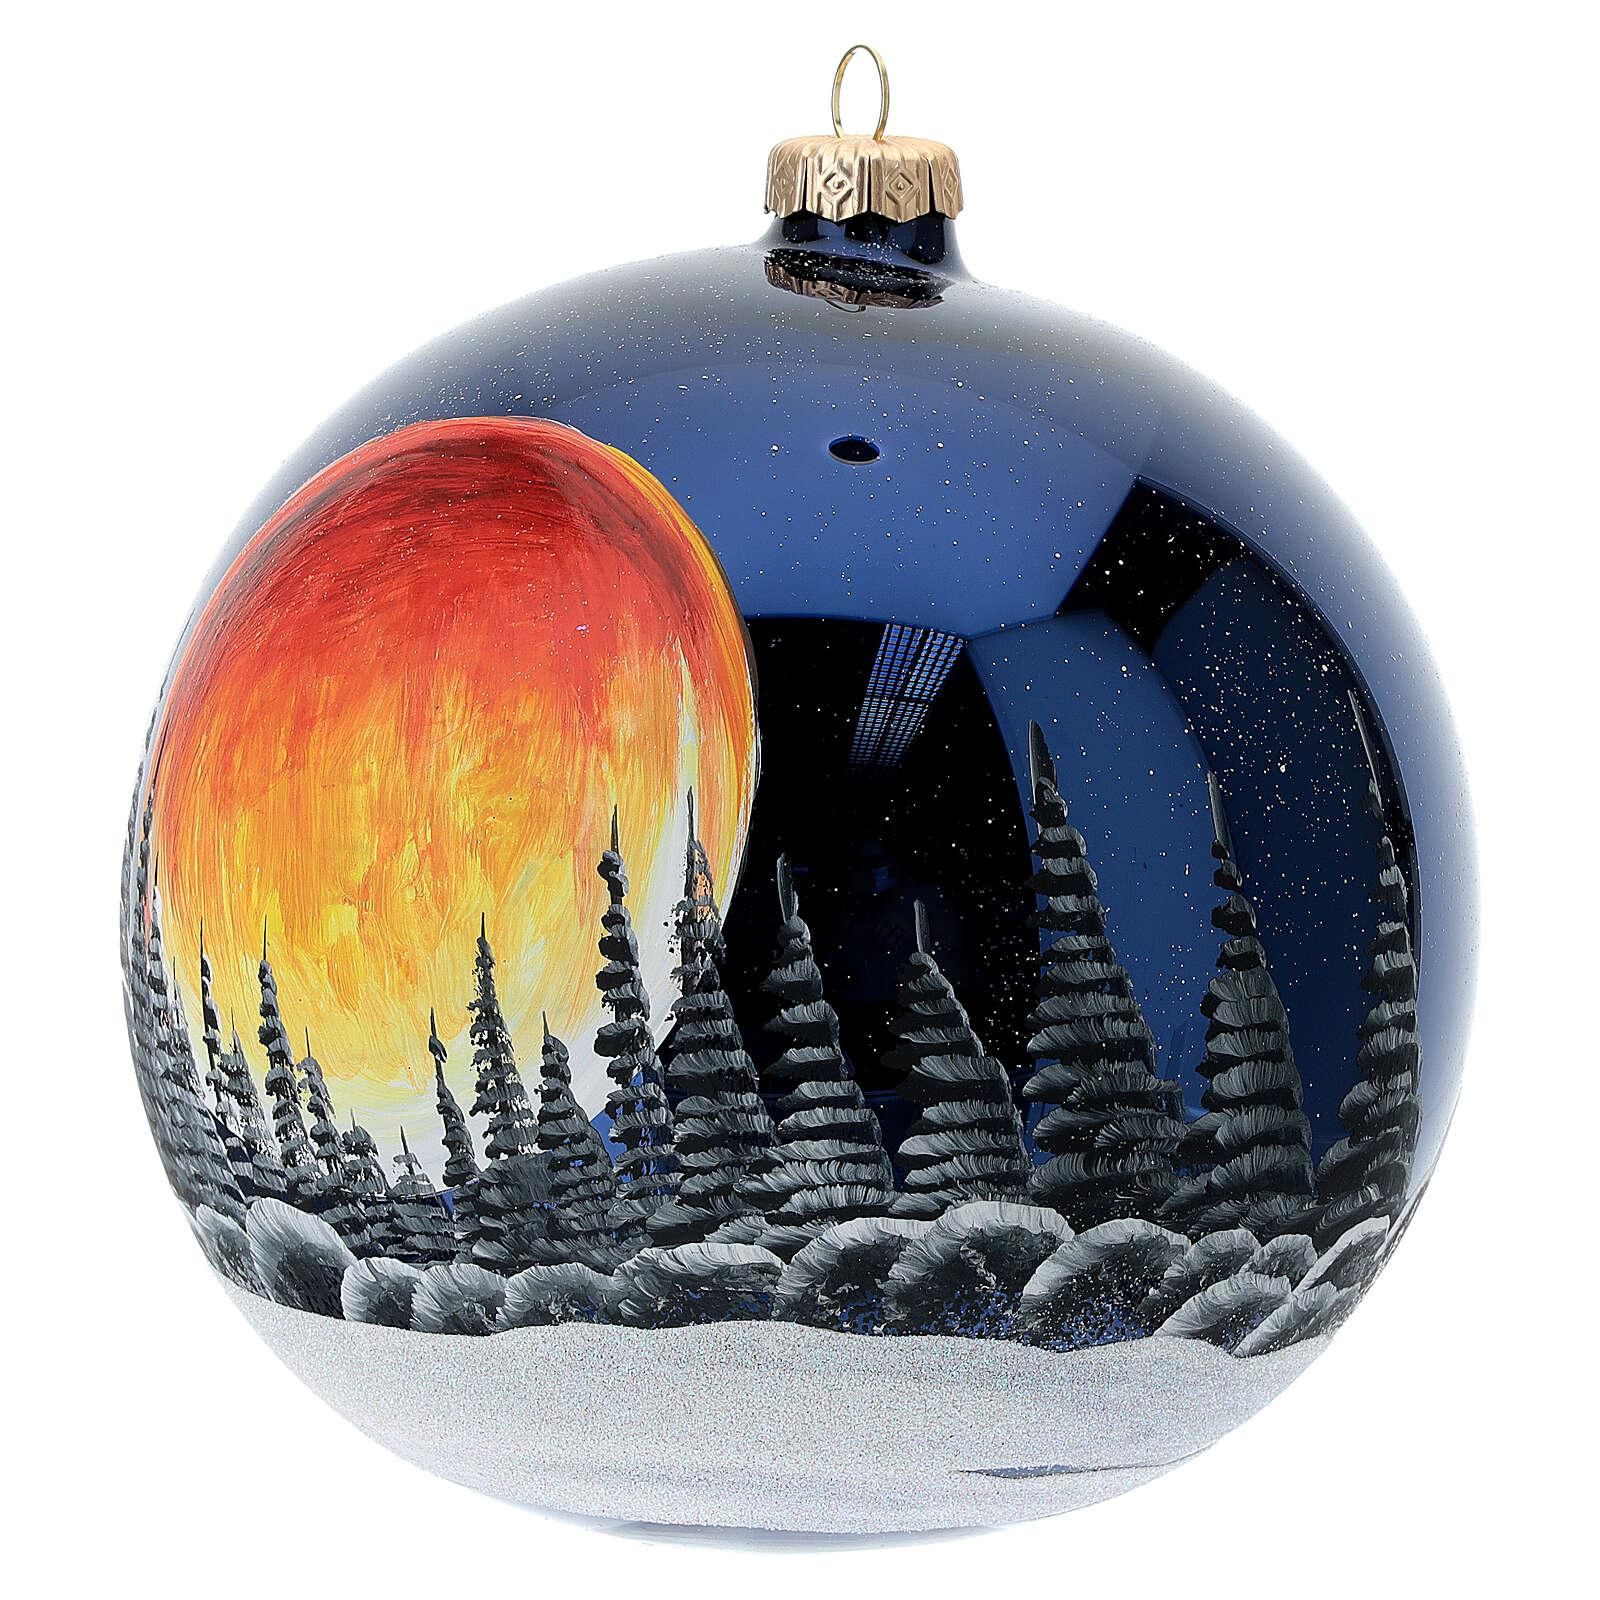 Bola árvore de Natal céu preto com lua cheia laranja vidro soprado 150 mm 4